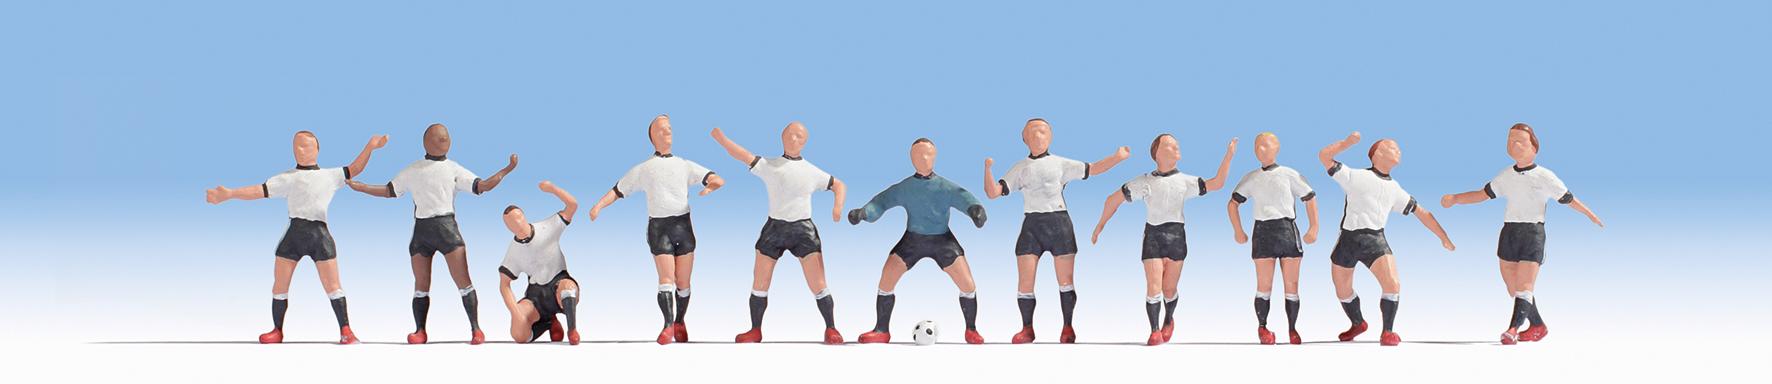 Fußballteam Deutschland